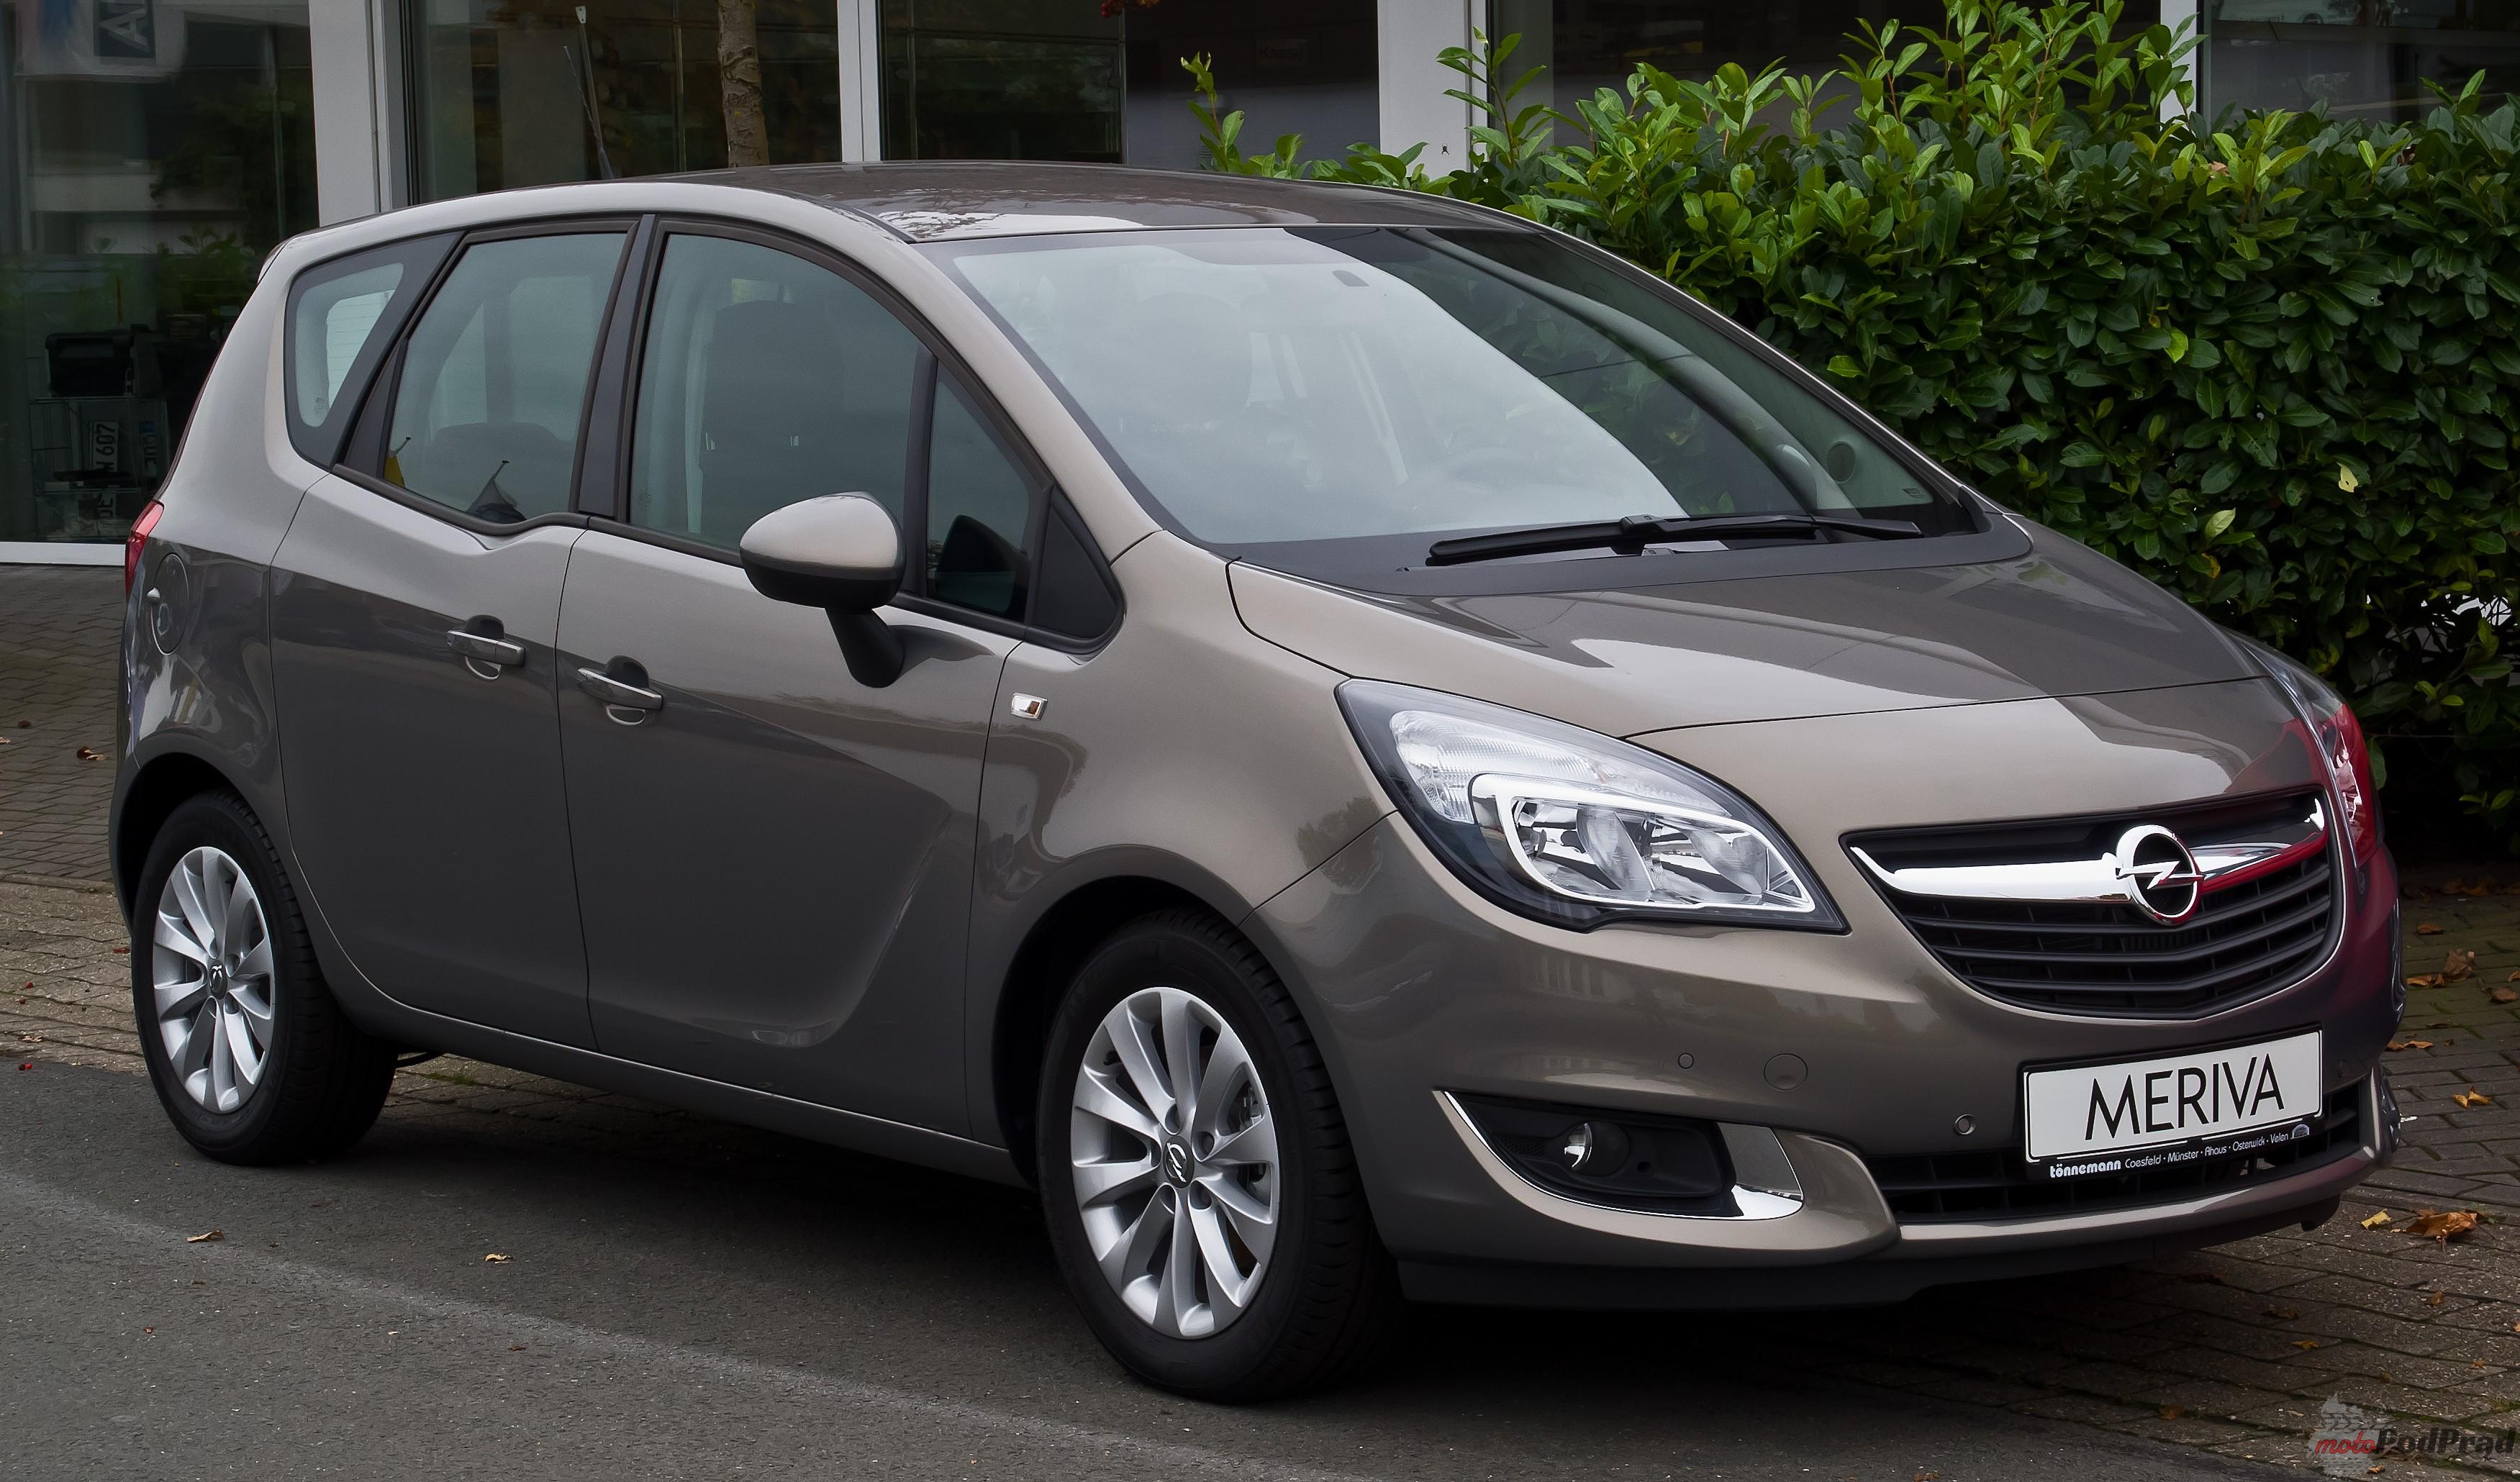 Opel Meriv Najlepsze auta dla młodych rodzin